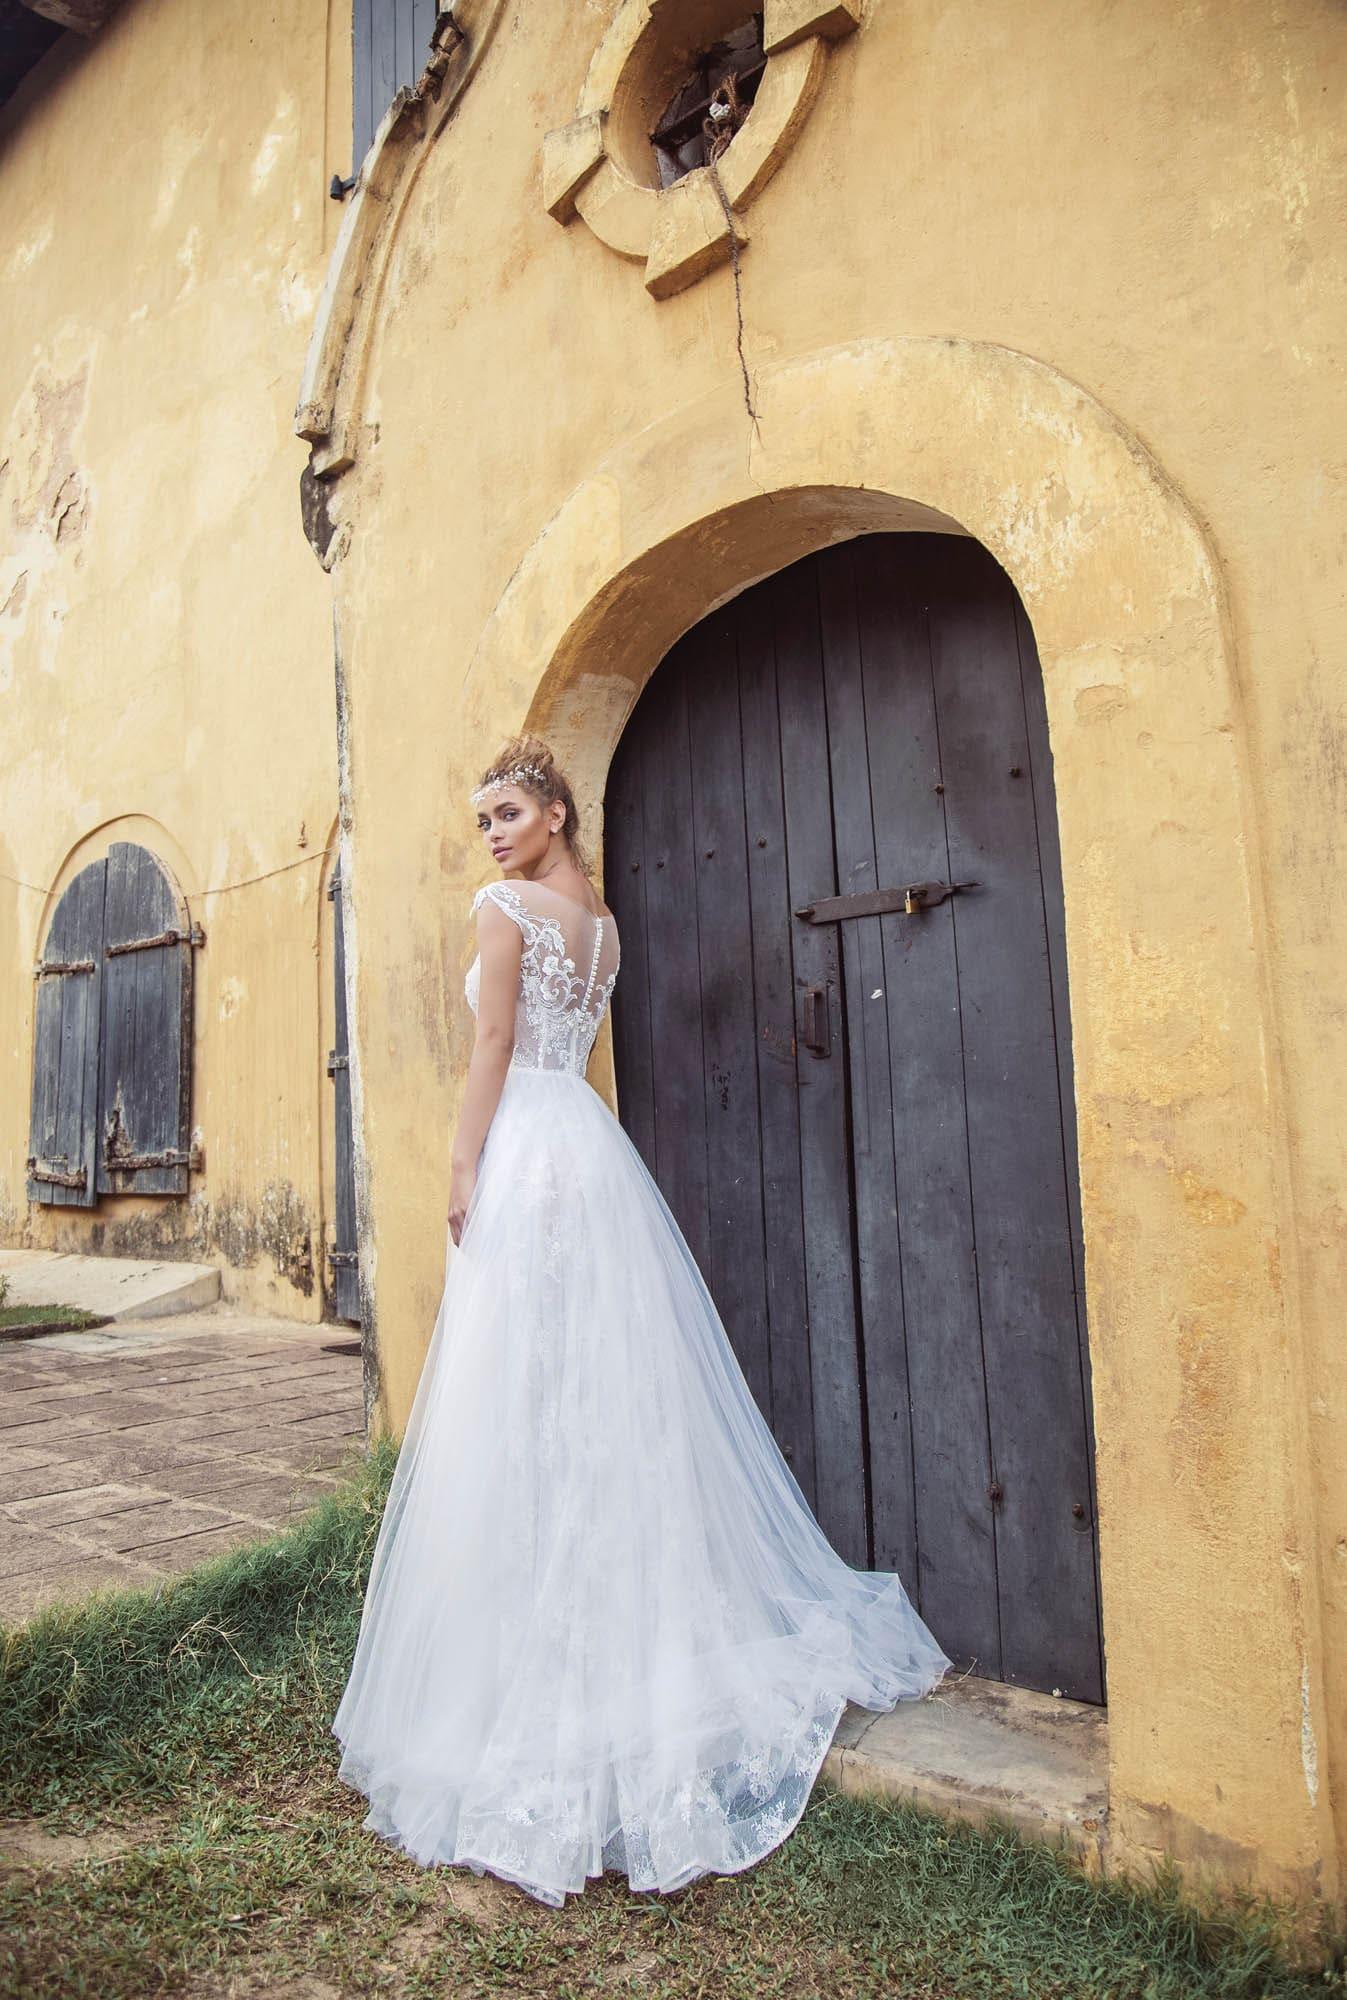 Воздушное свадебное платье с тонкой вставкой над лифом и коротким рукавом.